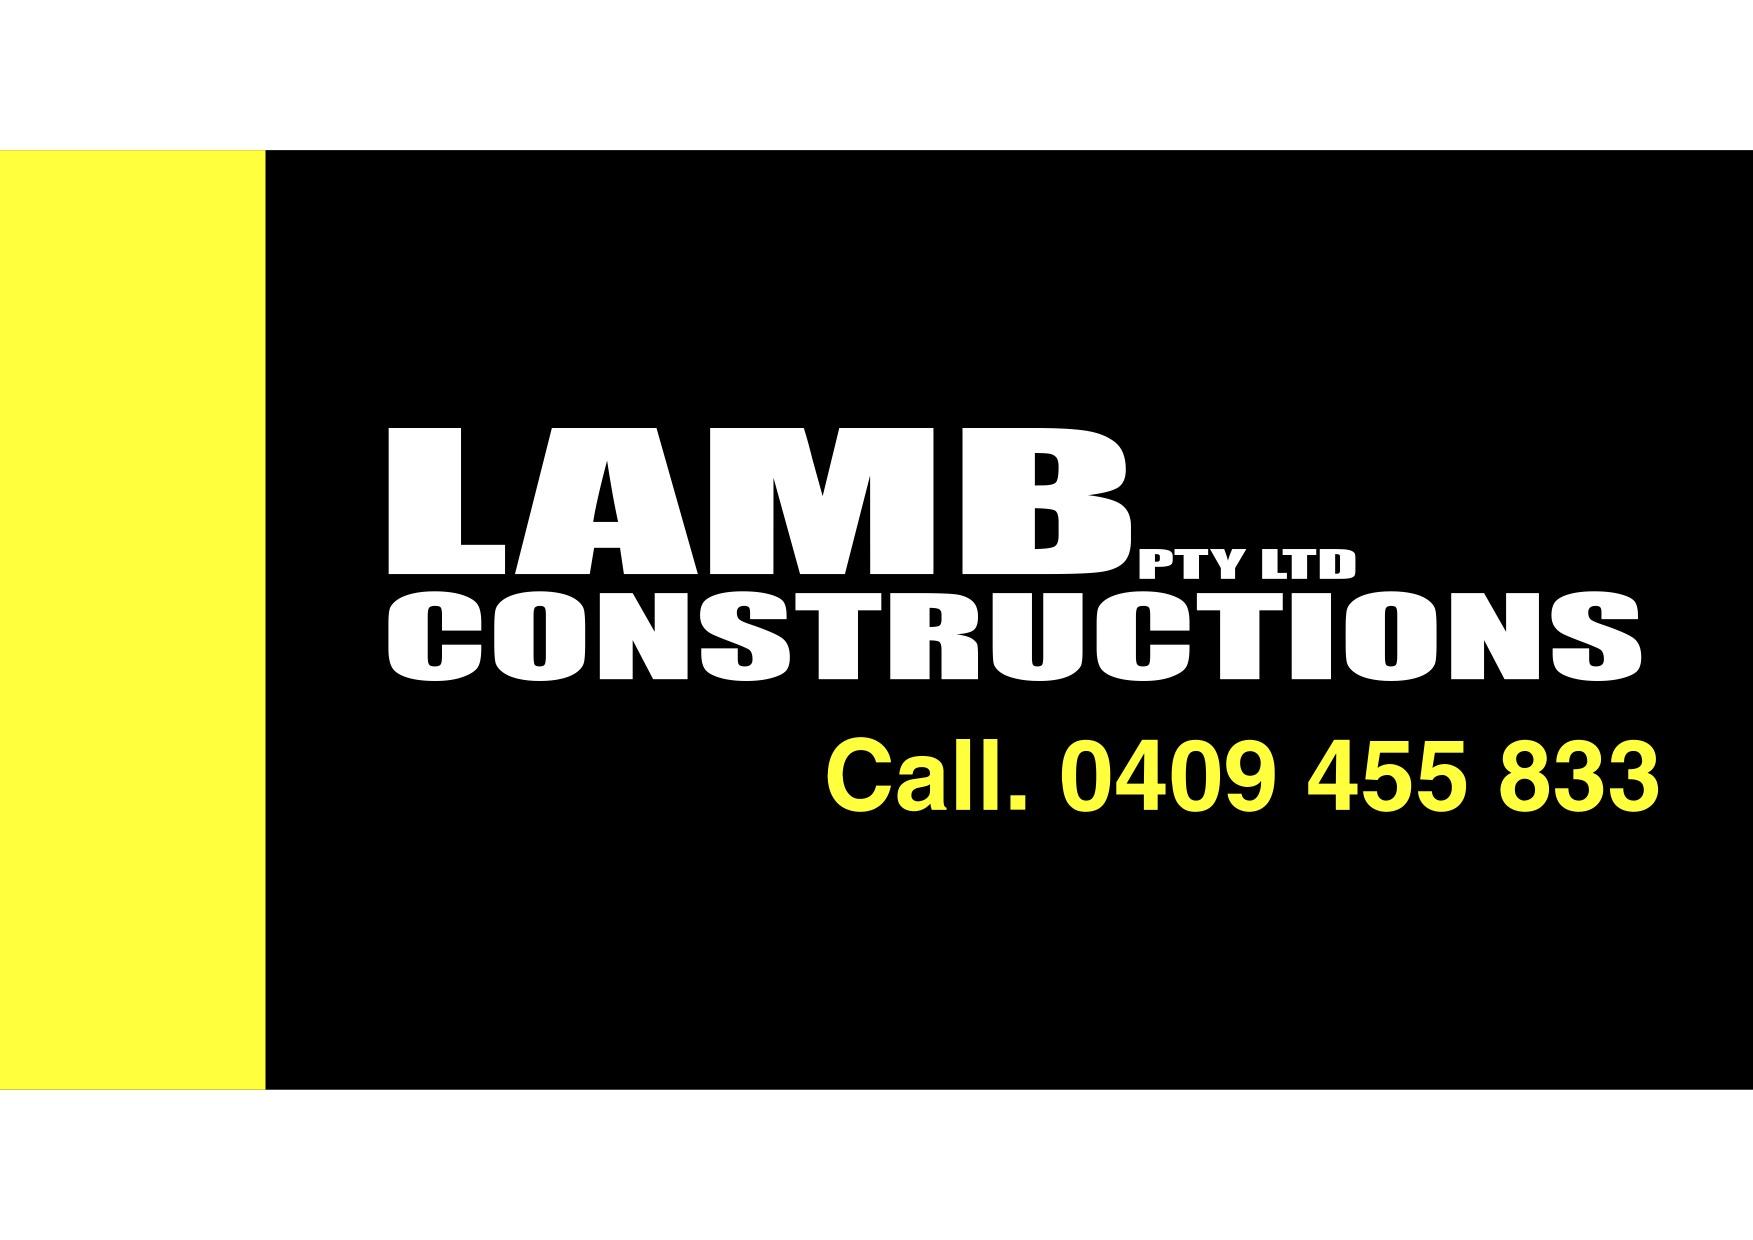 Lamb Constructions